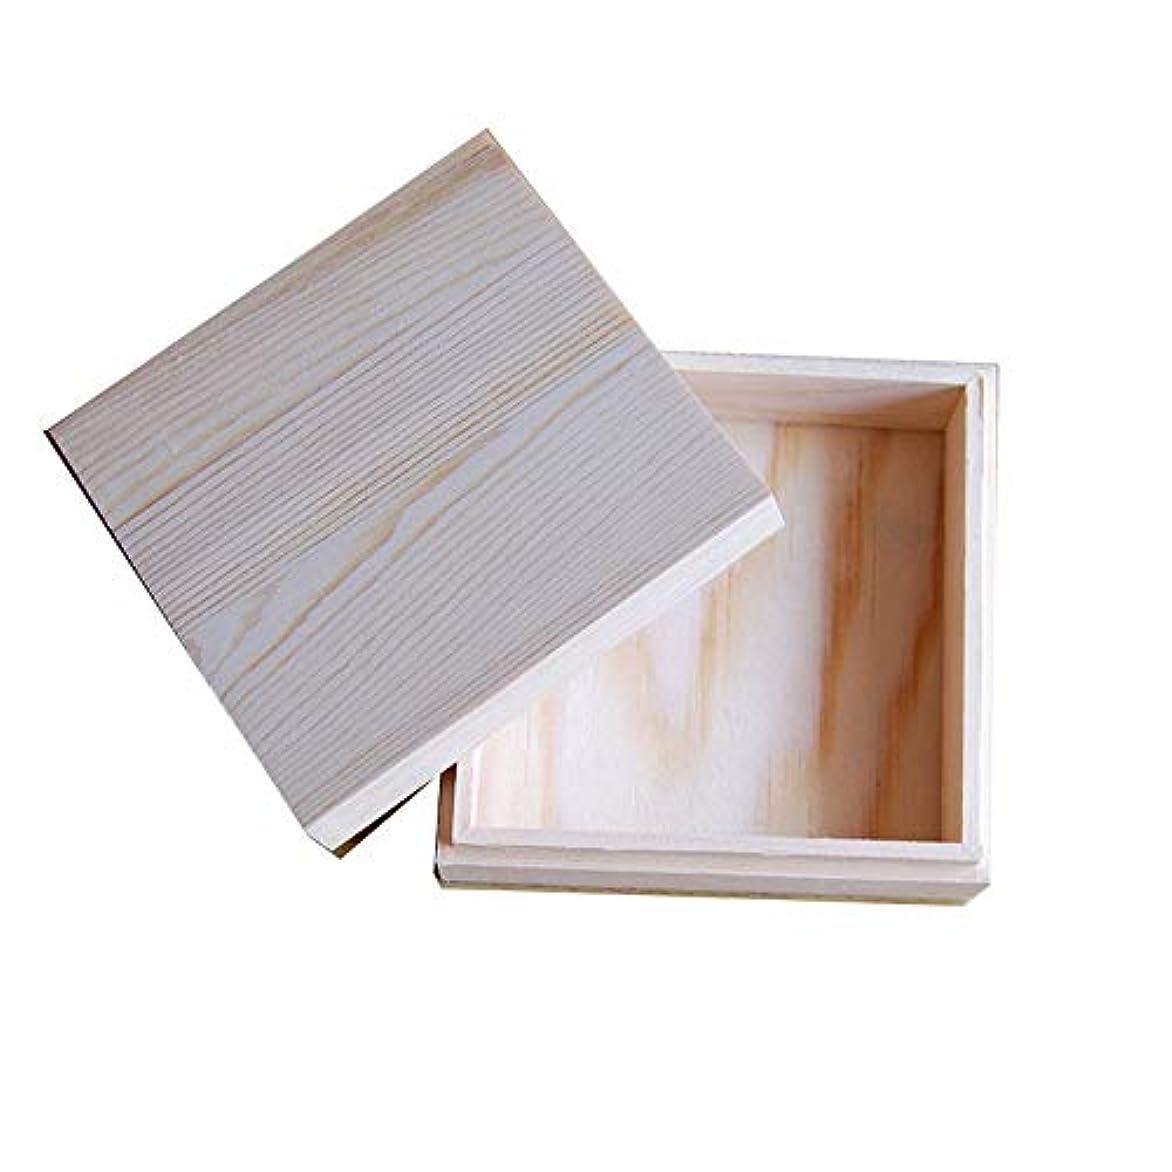 松の木花火涙木製のエッセンシャルオイルストレージボックス安全に油を維持するためのベスト アロマセラピー製品 (色 : Natural, サイズ : 11.5X11.5X5CM)